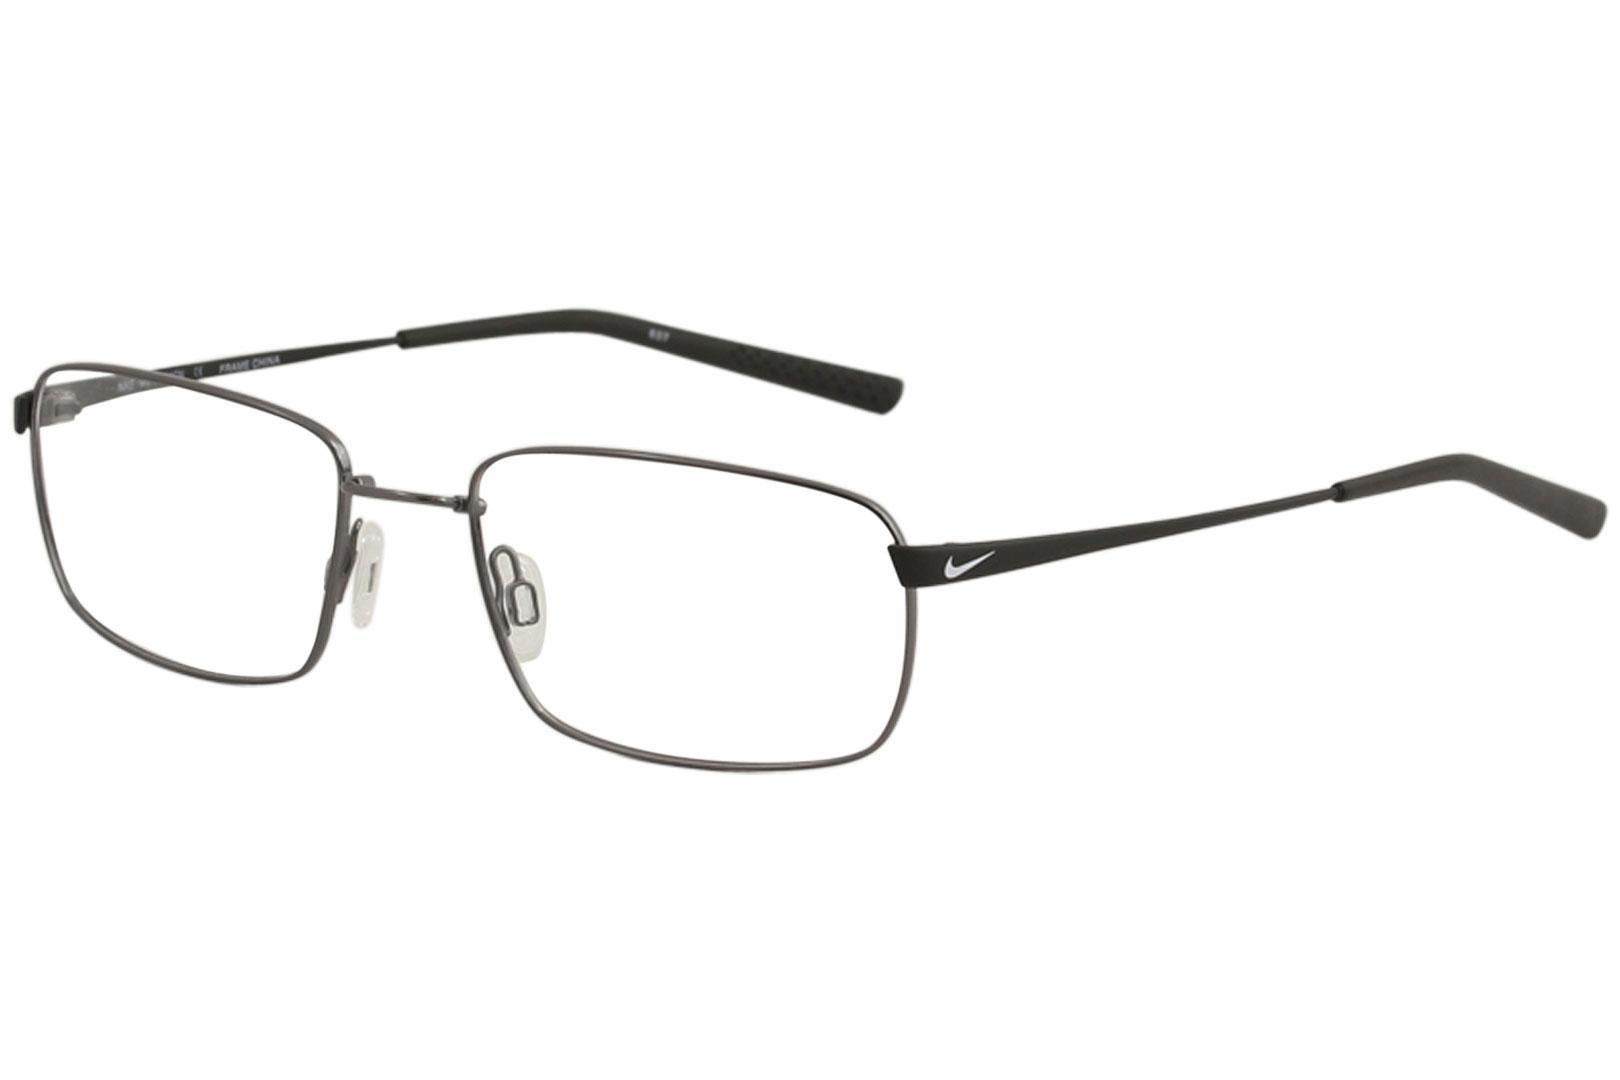 b43e1cead1 Nike Men s Eyeglasses 4194 Full Rim Flexon Optical Frame